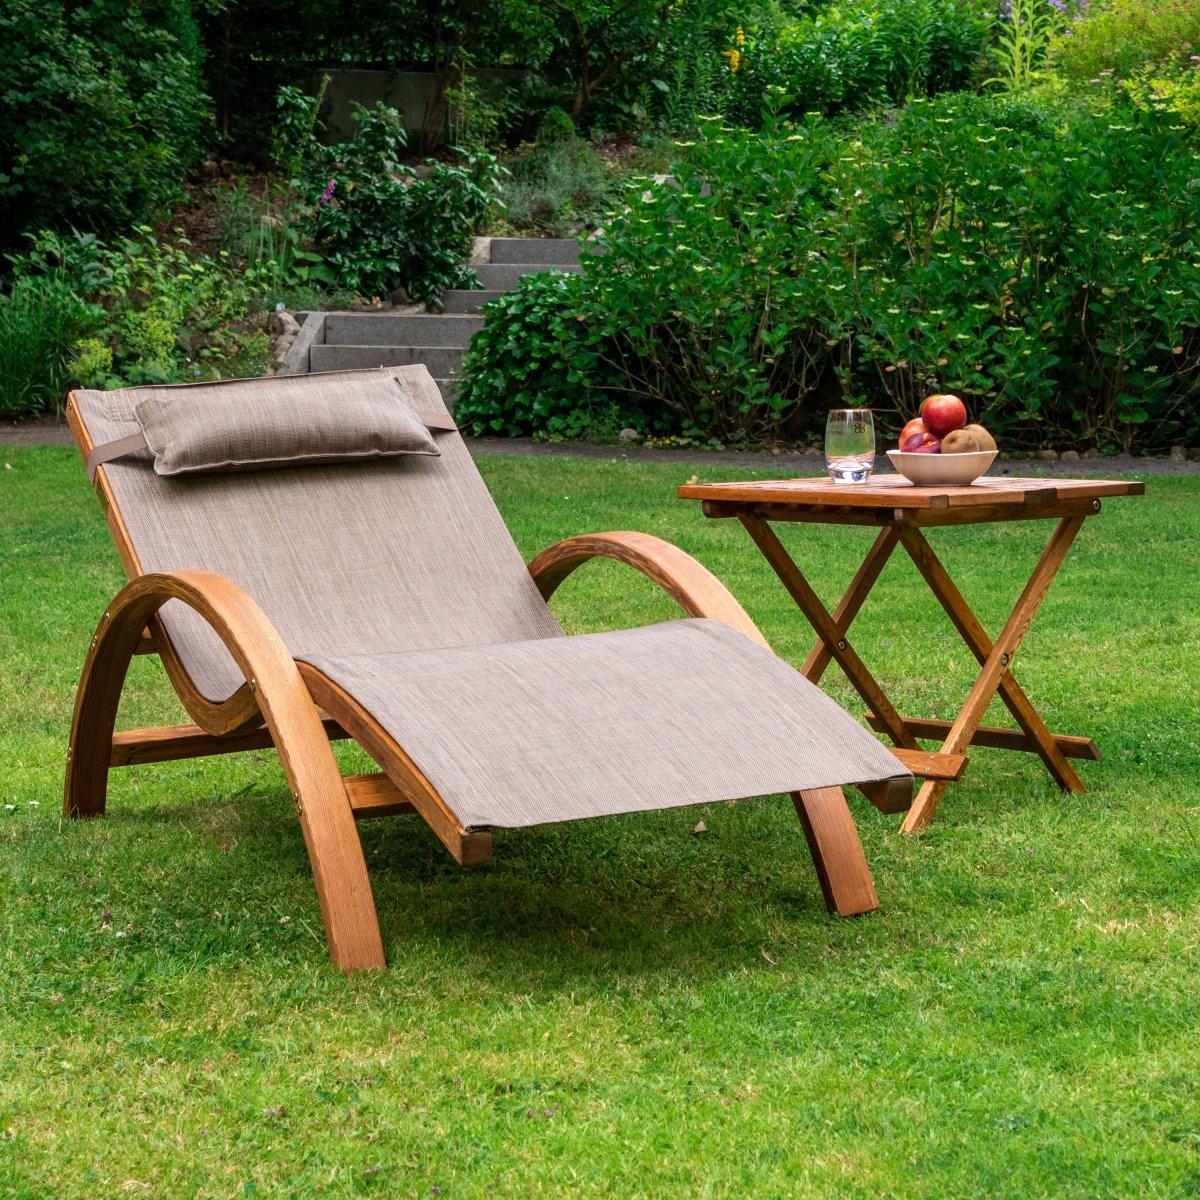 relax und gartenliege tropica 160x70 cm holz mit kopfkissen zum entspannen. Black Bedroom Furniture Sets. Home Design Ideas